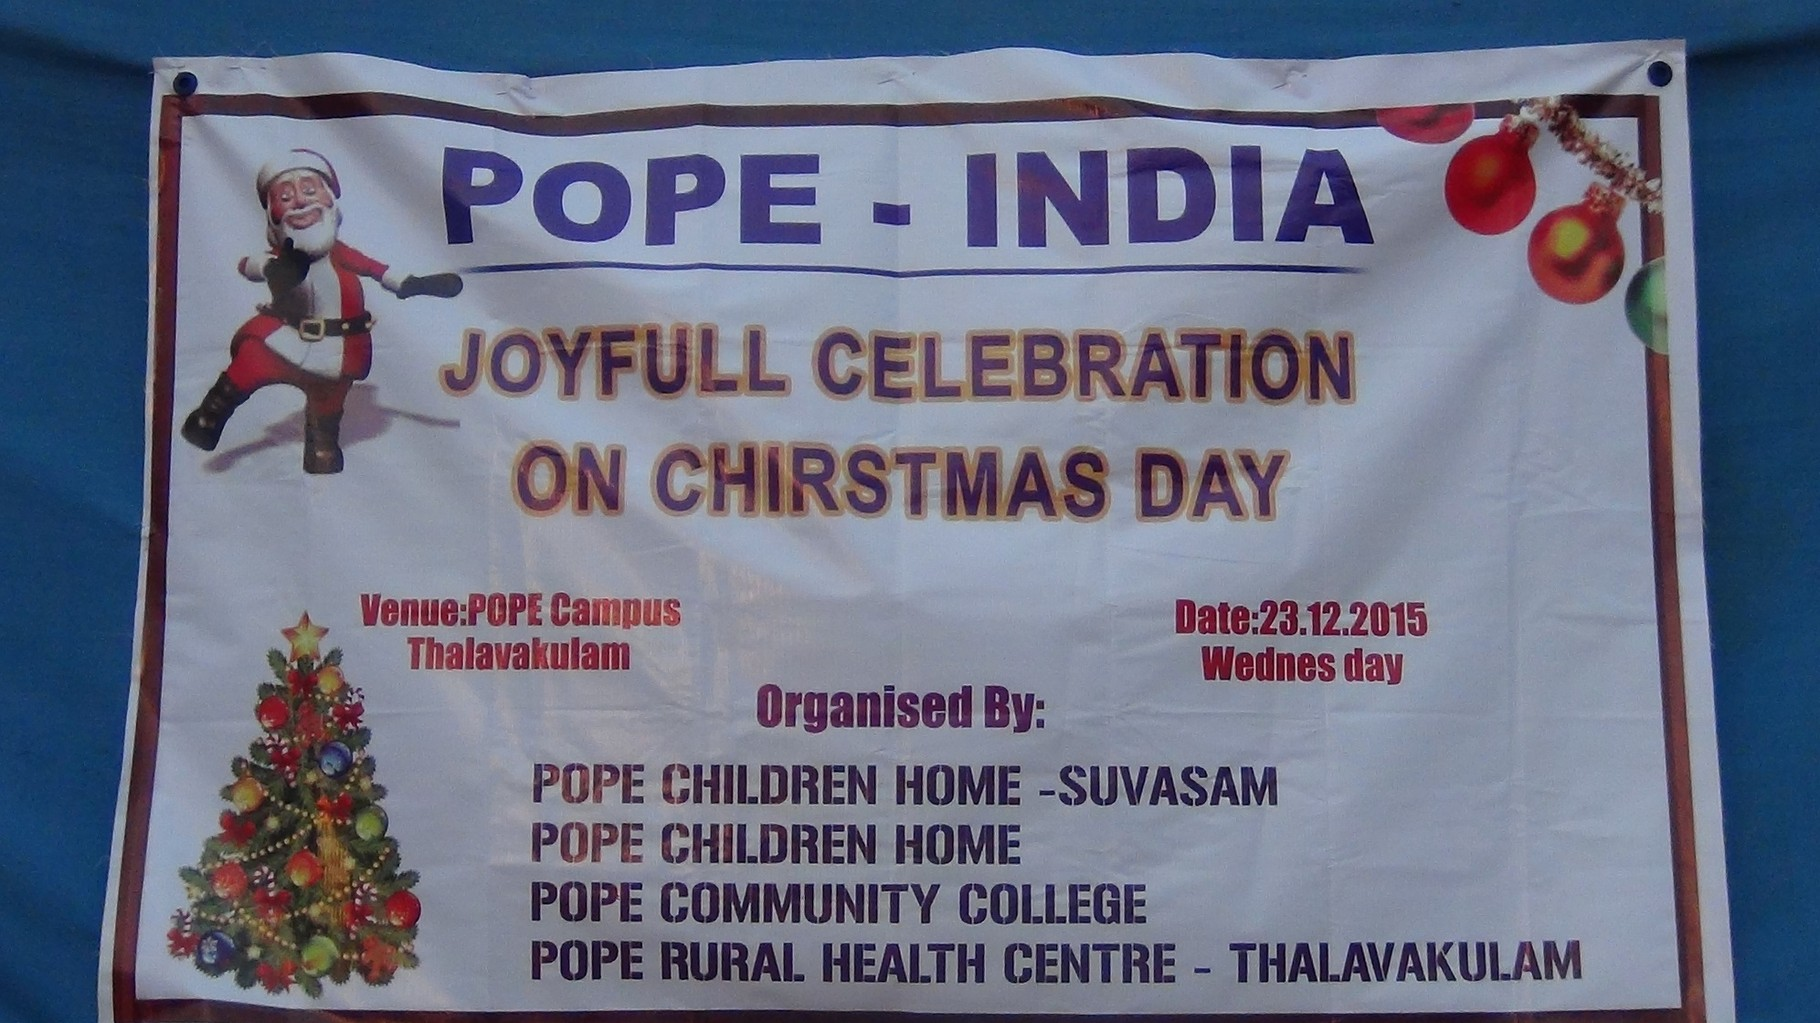 Noël est célébré dans les 3 centres de POPE